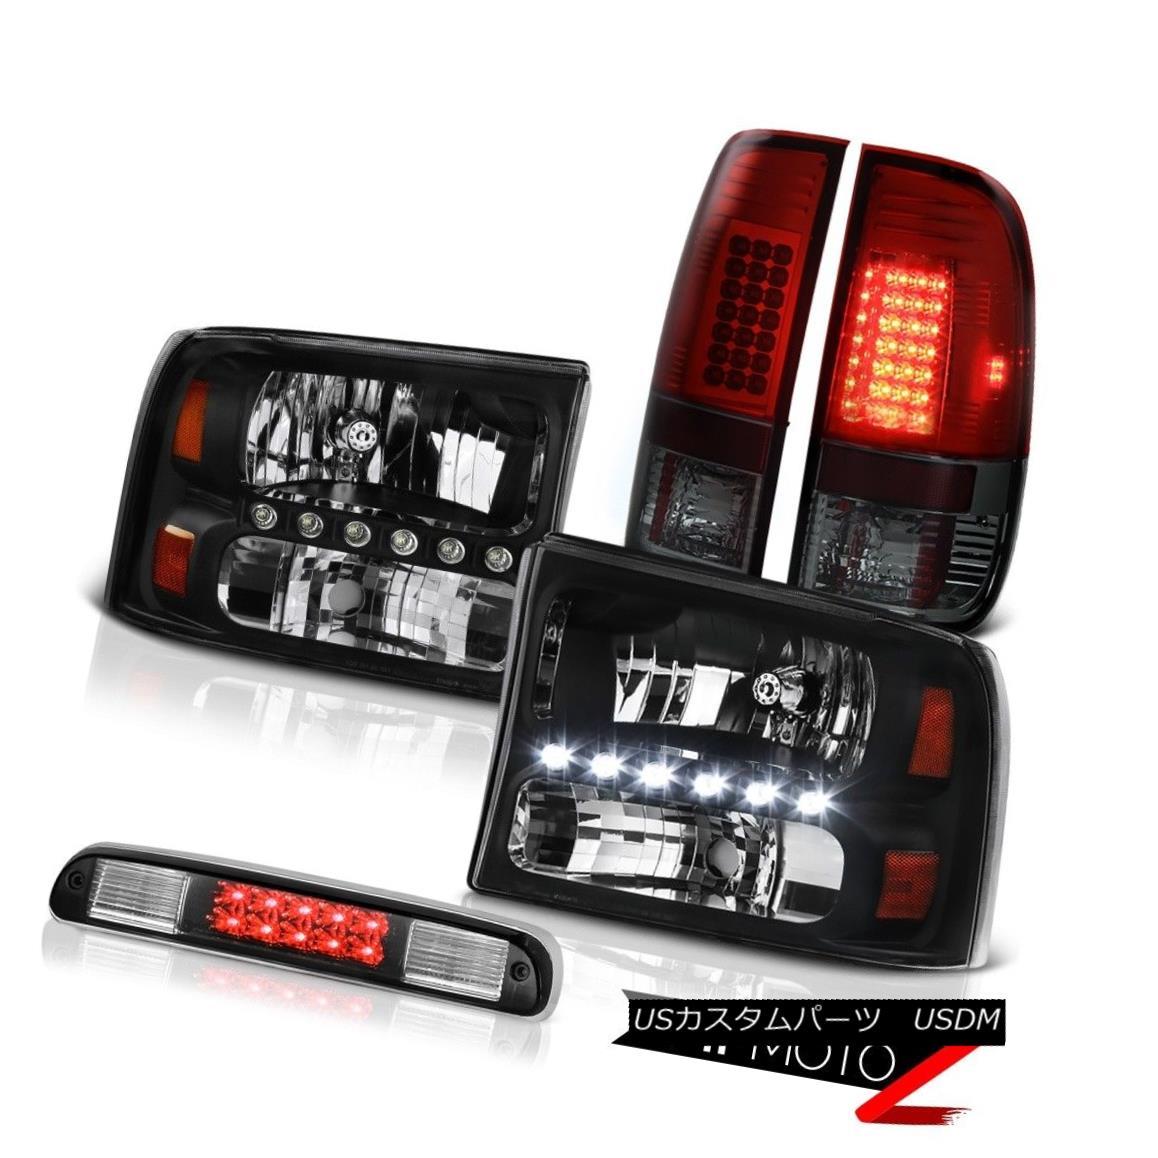 ヘッドライト Pair Black Headlights SMD Tail Lights High Stop LED 99 00 01 02 03 04 F350 6.0L ペアブラックヘッドライトSMDテールライトハイストップLED 99 00 01 02 03 04 F350 6.0L